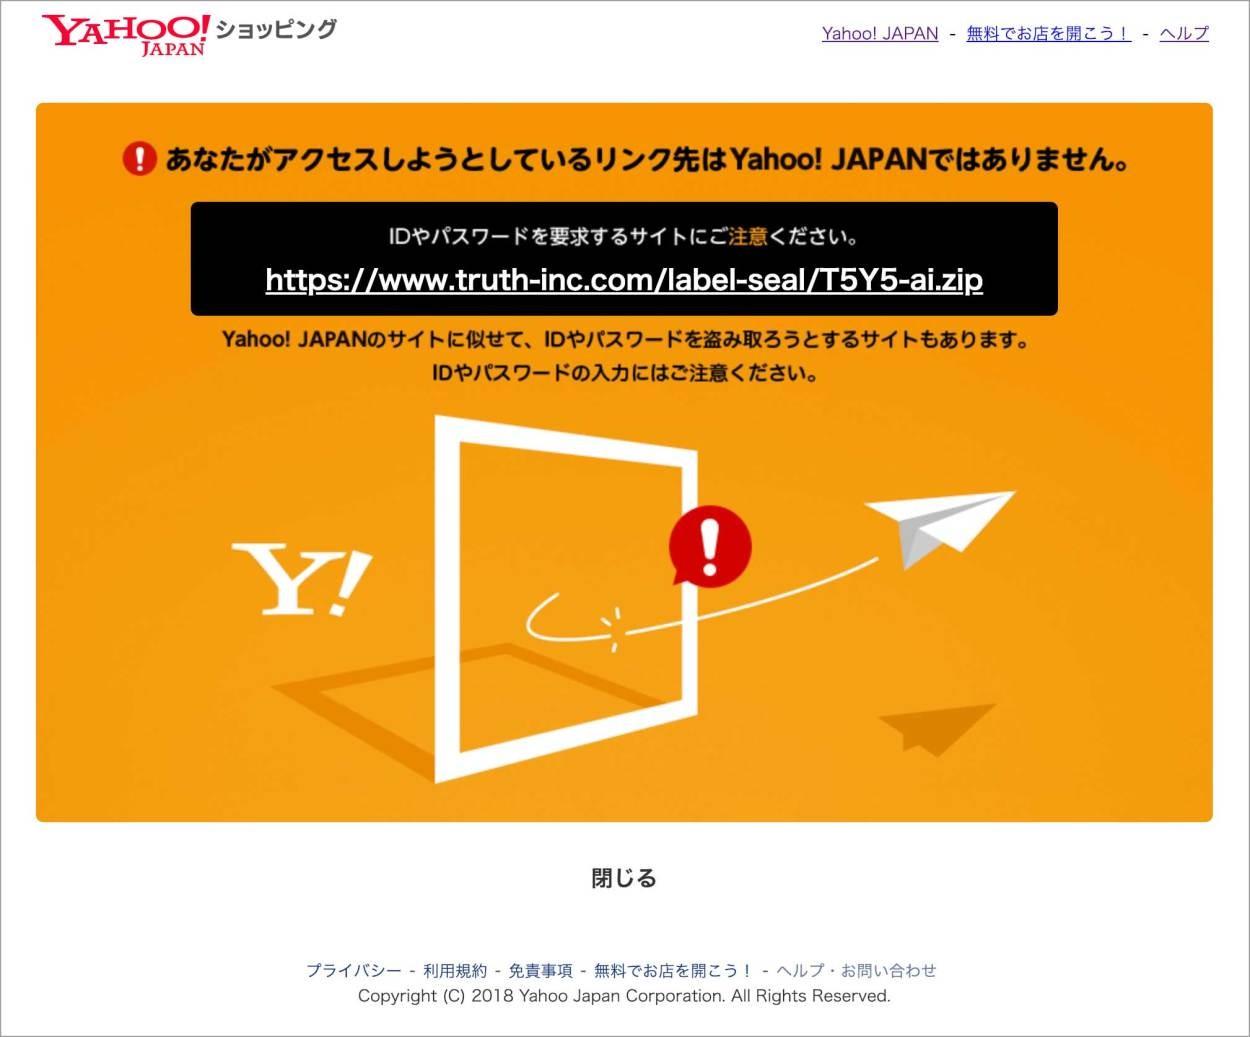 Yahoo! 警告画面